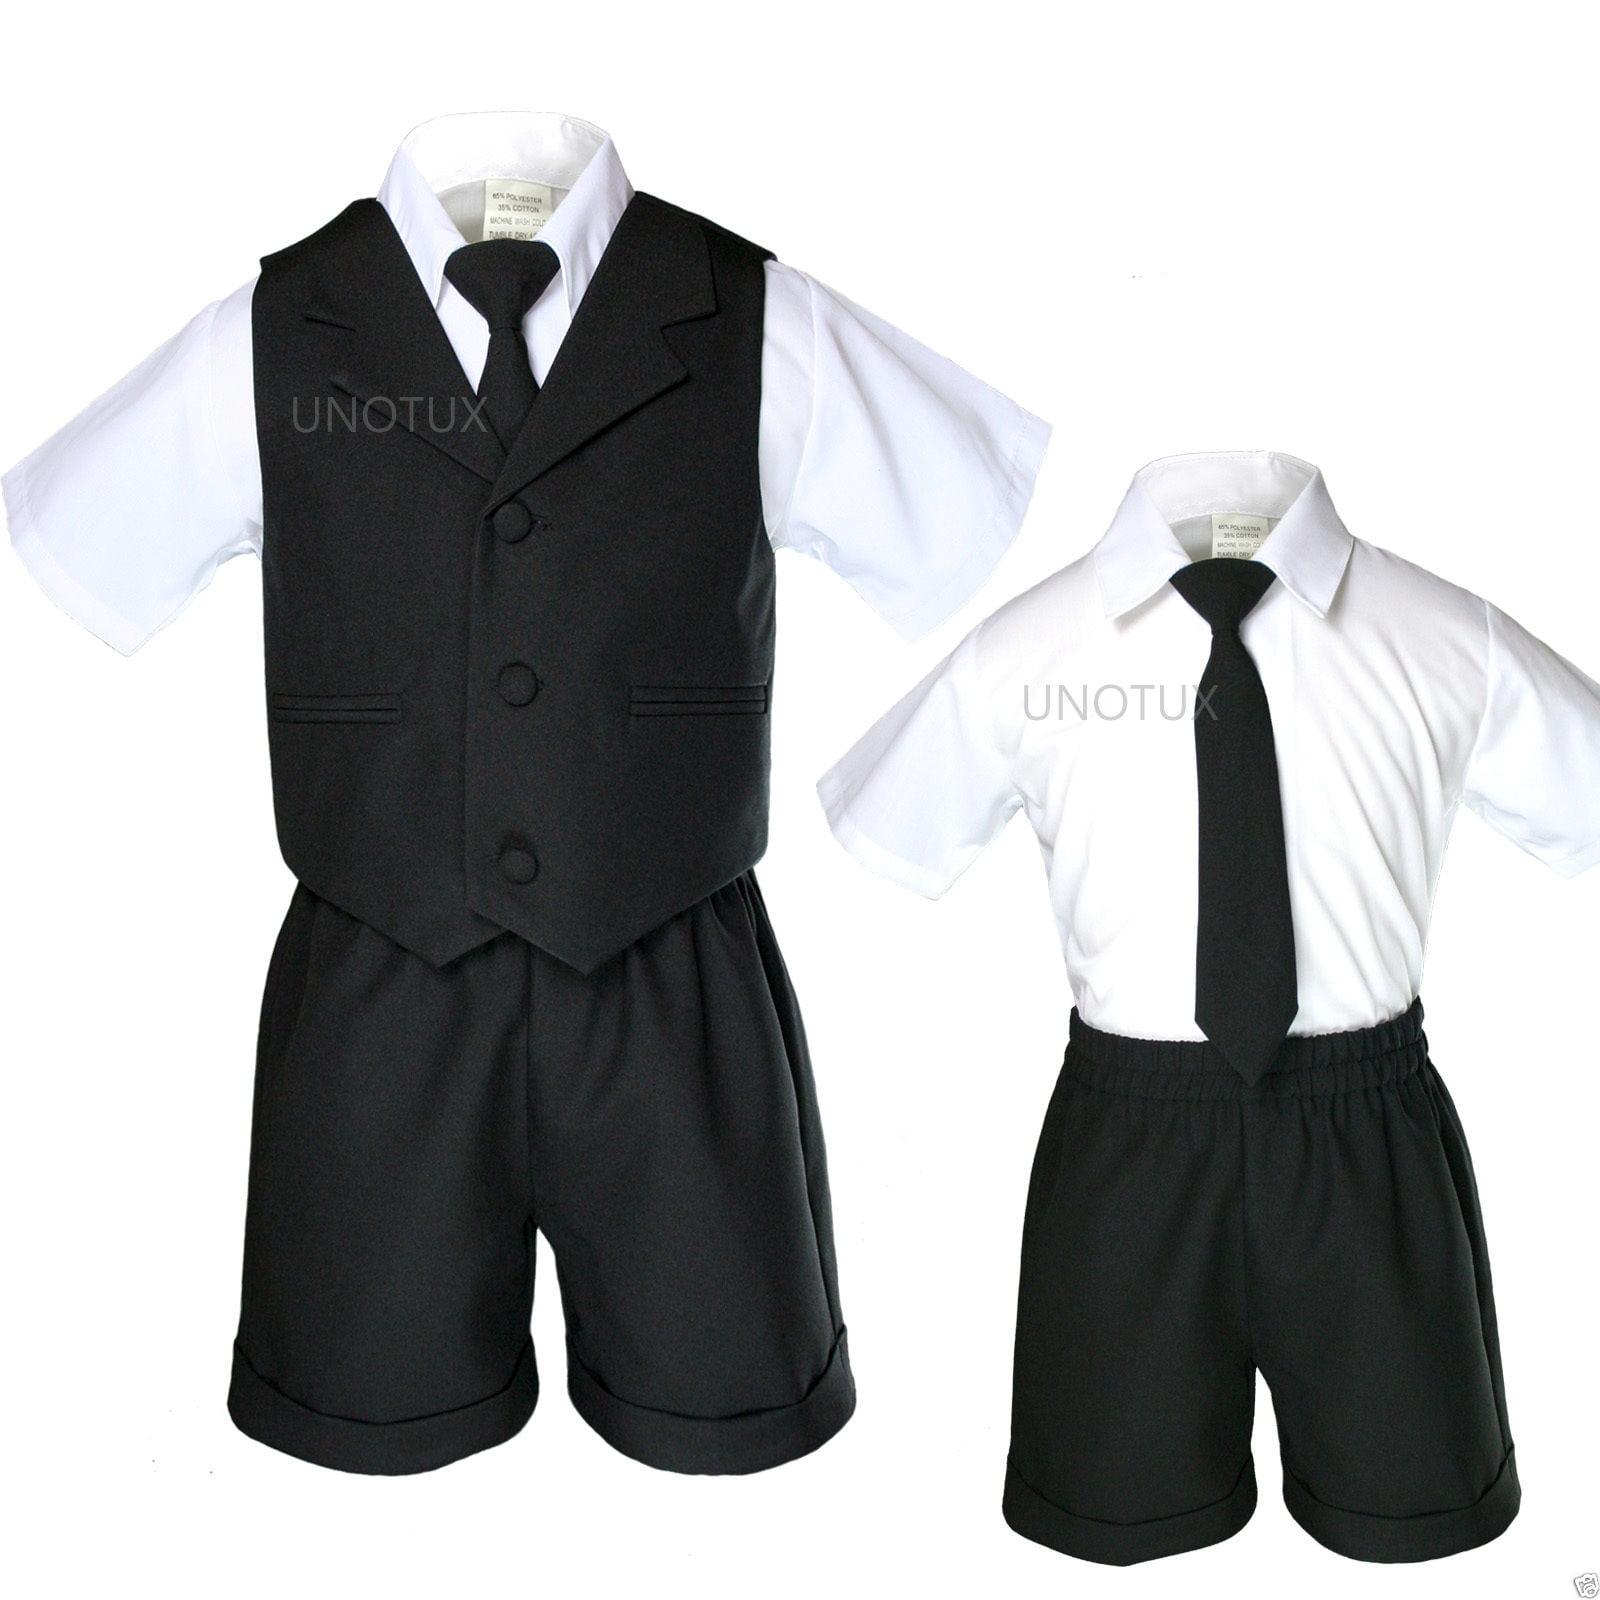 Baby Boy Toddler Eton Formal Vest Set Suits Outfits Navy Blue S M L XL 2T 3T 4T